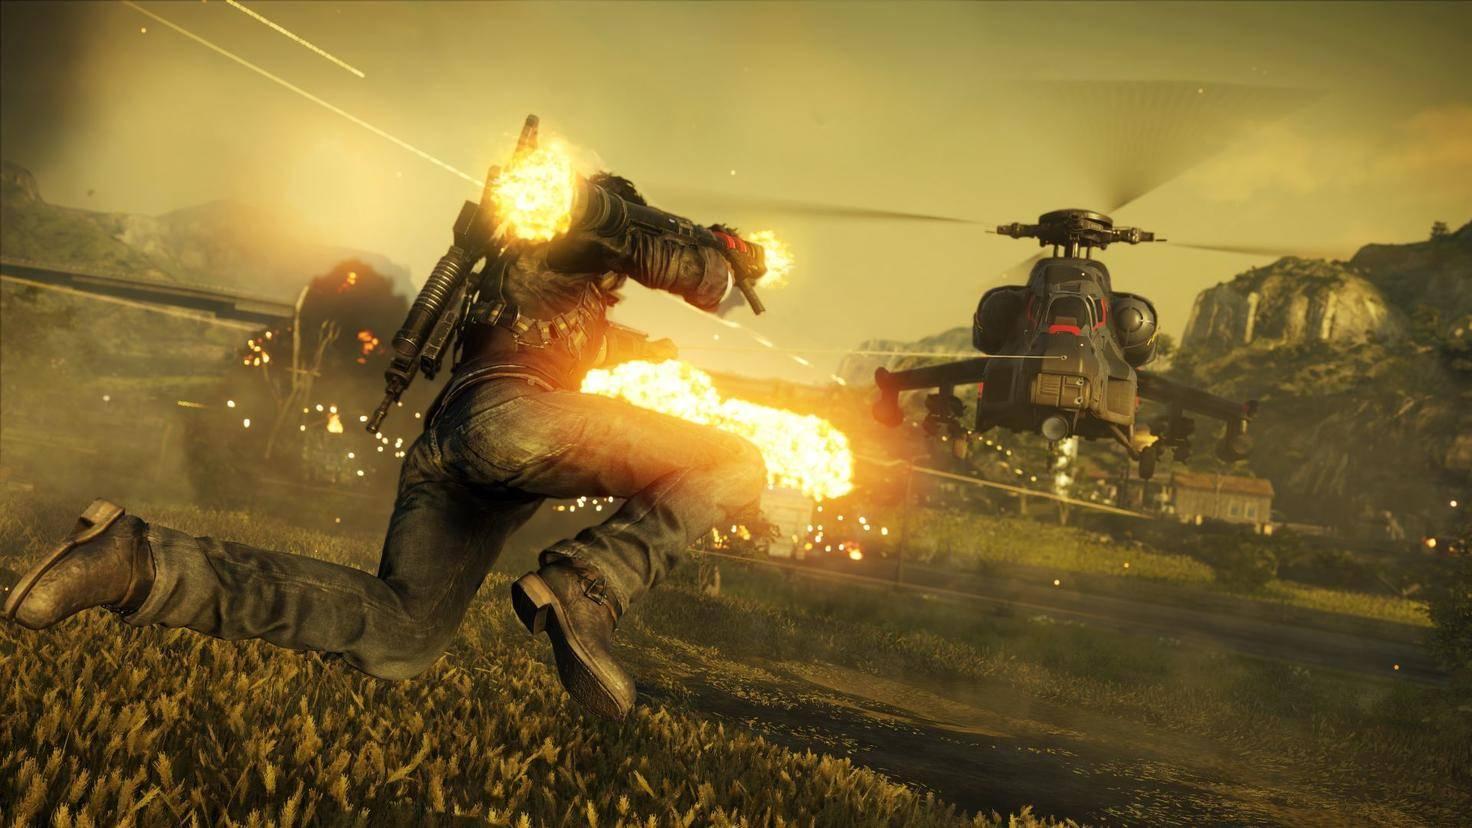 Zwei aus allen Rohren ballernde Helikopter gegen Rico Rodriguez – unfair. Für die Helikopter.